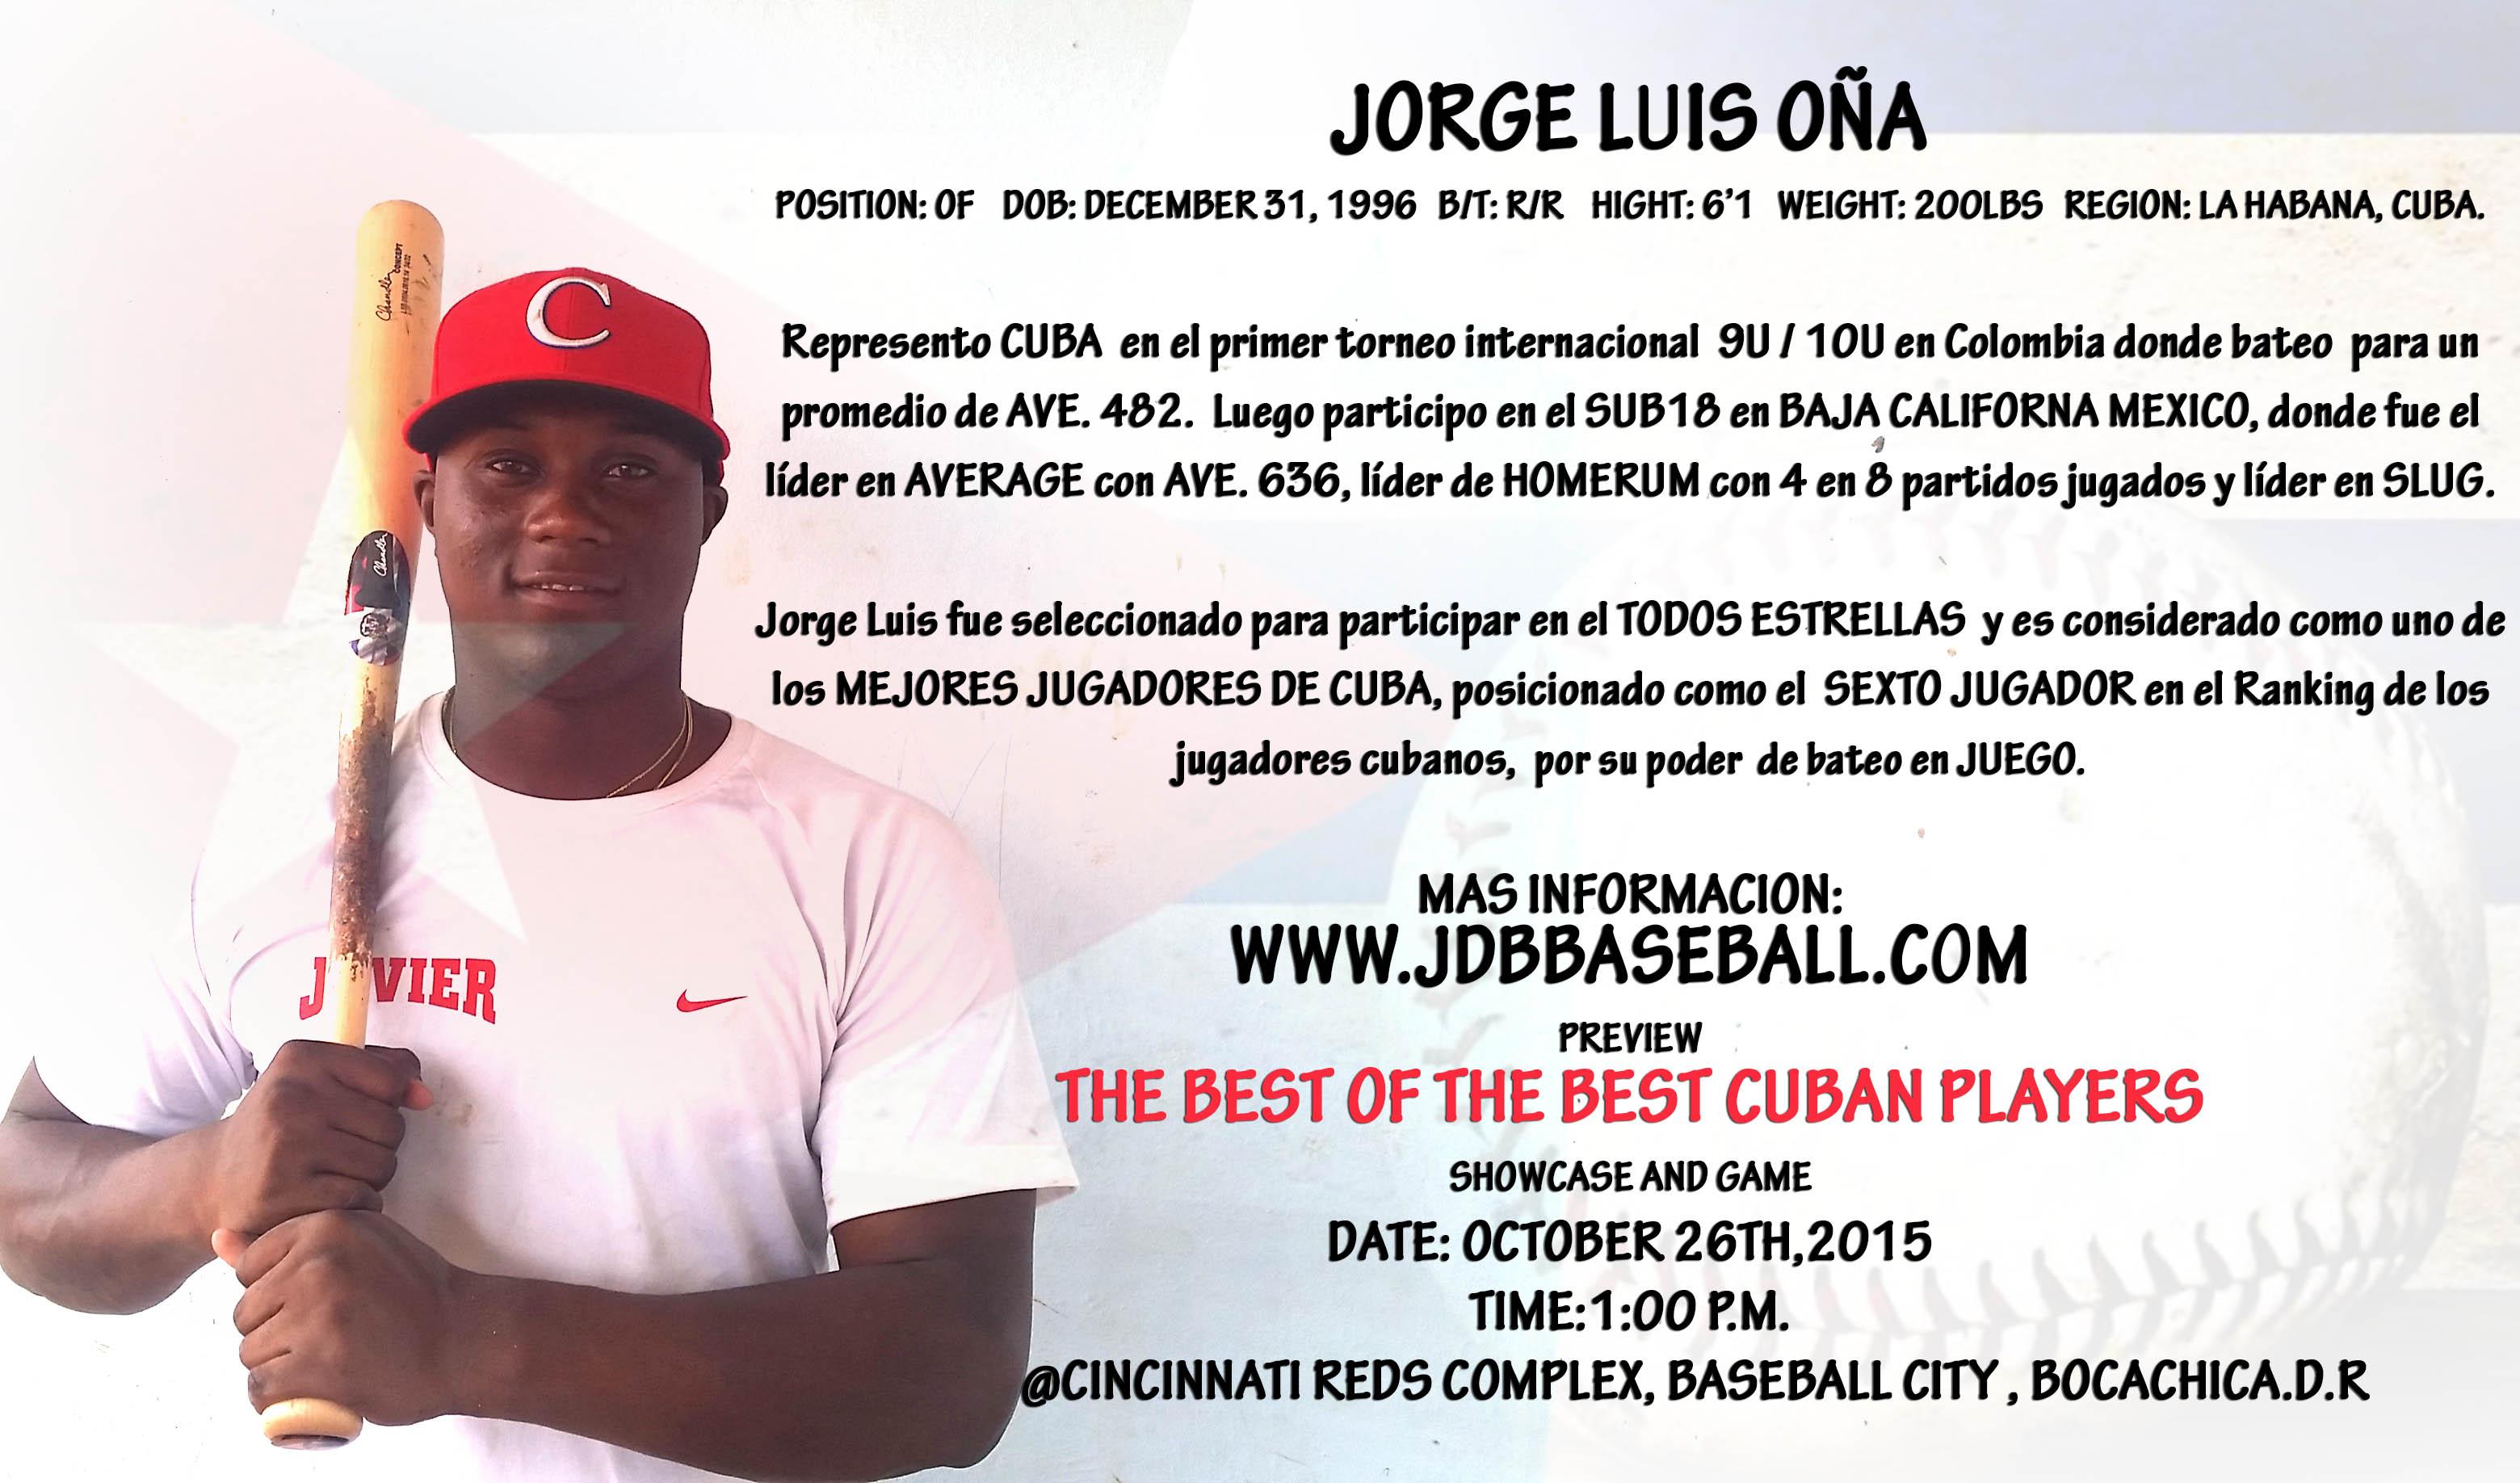 Jorge Luis Ona